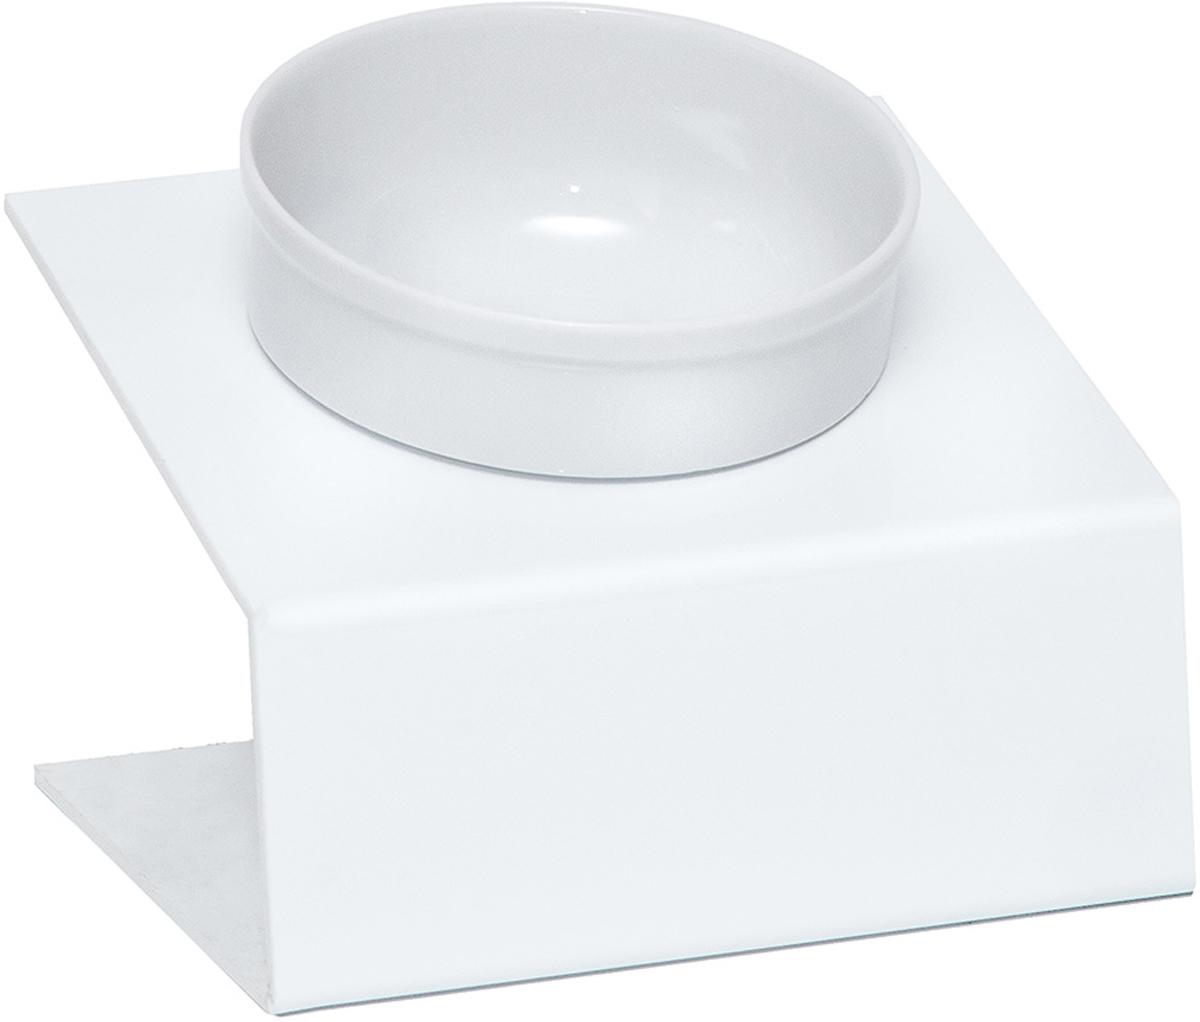 Миска для животных  Artmiska , одинарная, на подставке, цвет: белый, 350 мл